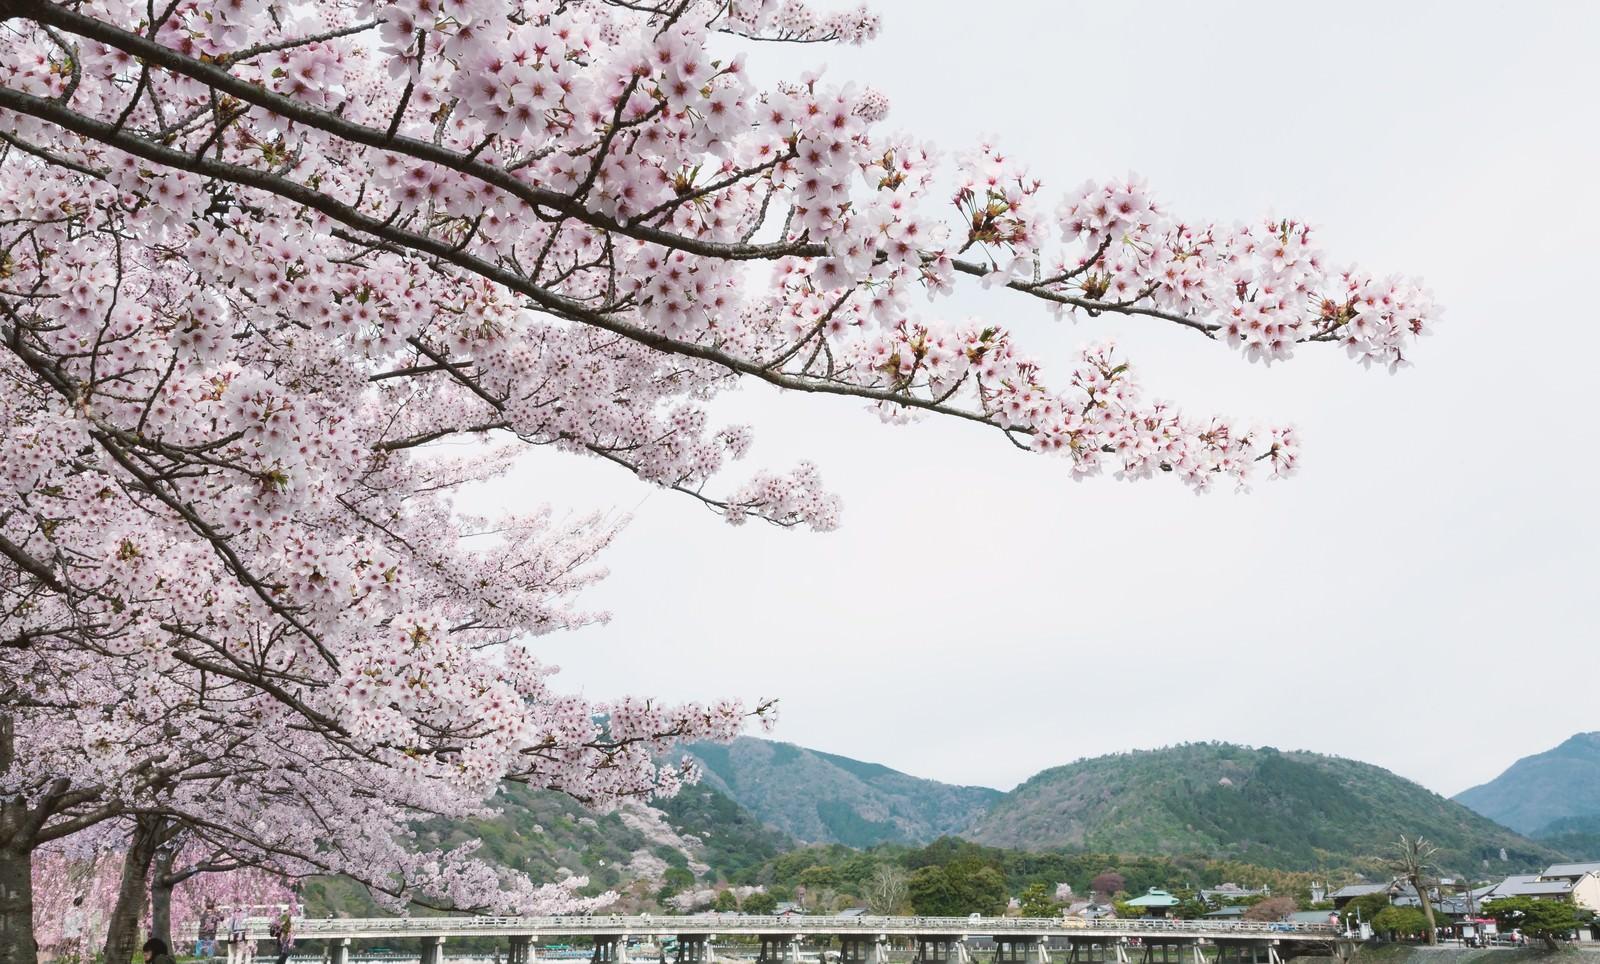 「嵐山の桜嵐山の桜」のフリー写真素材を拡大